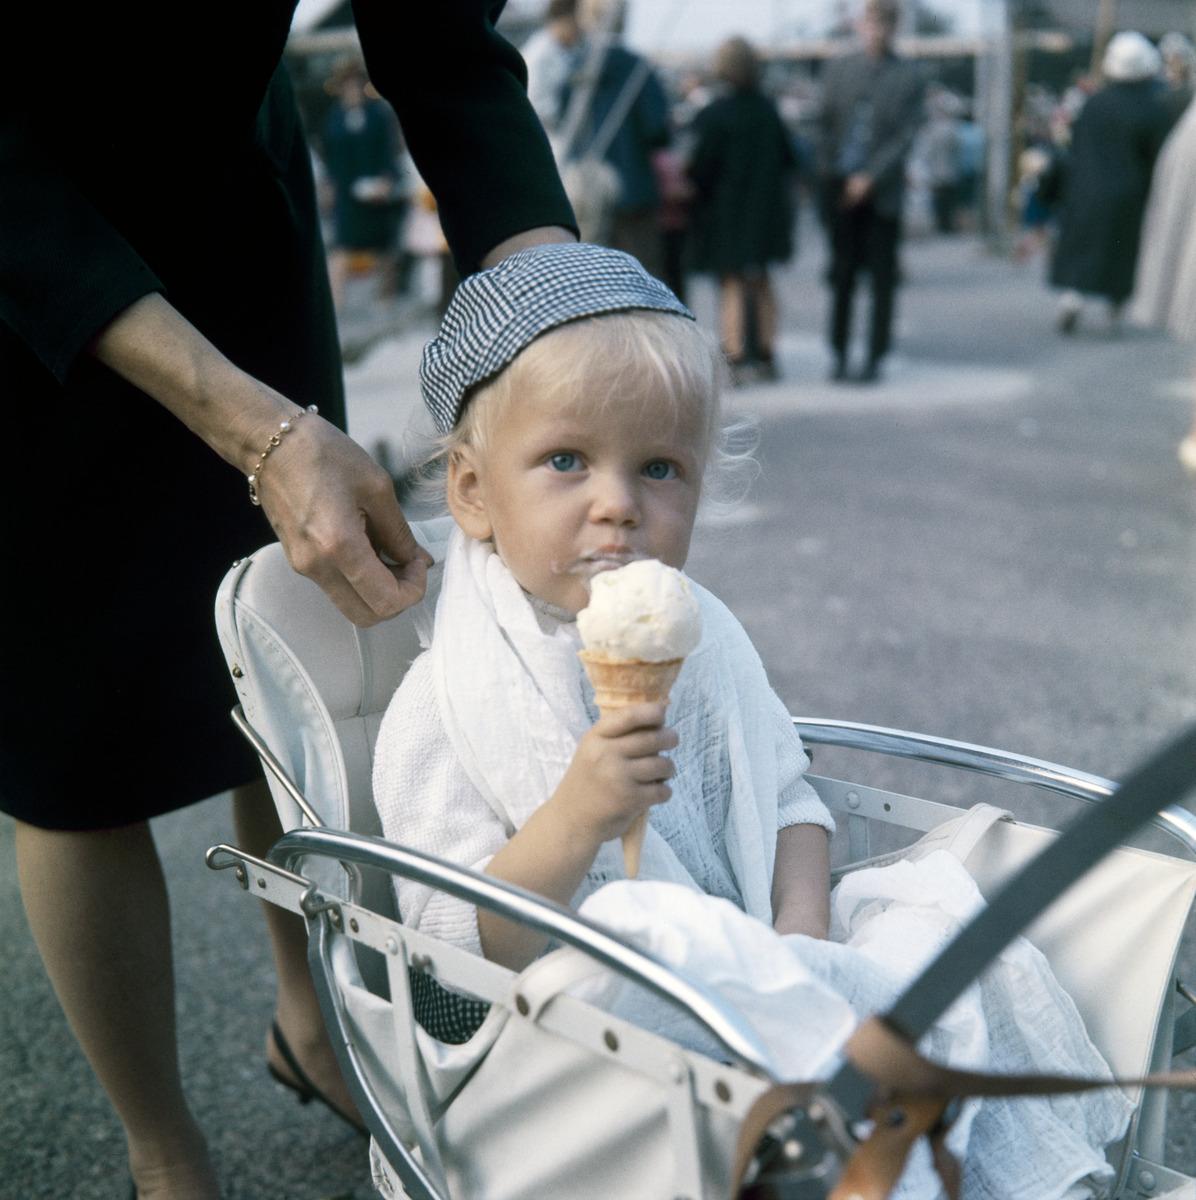 Pikkupoika syö jäätelöä lastenvaunuissa pieni lippalakki päässä, tötterö kädessä Linnanmäellä.